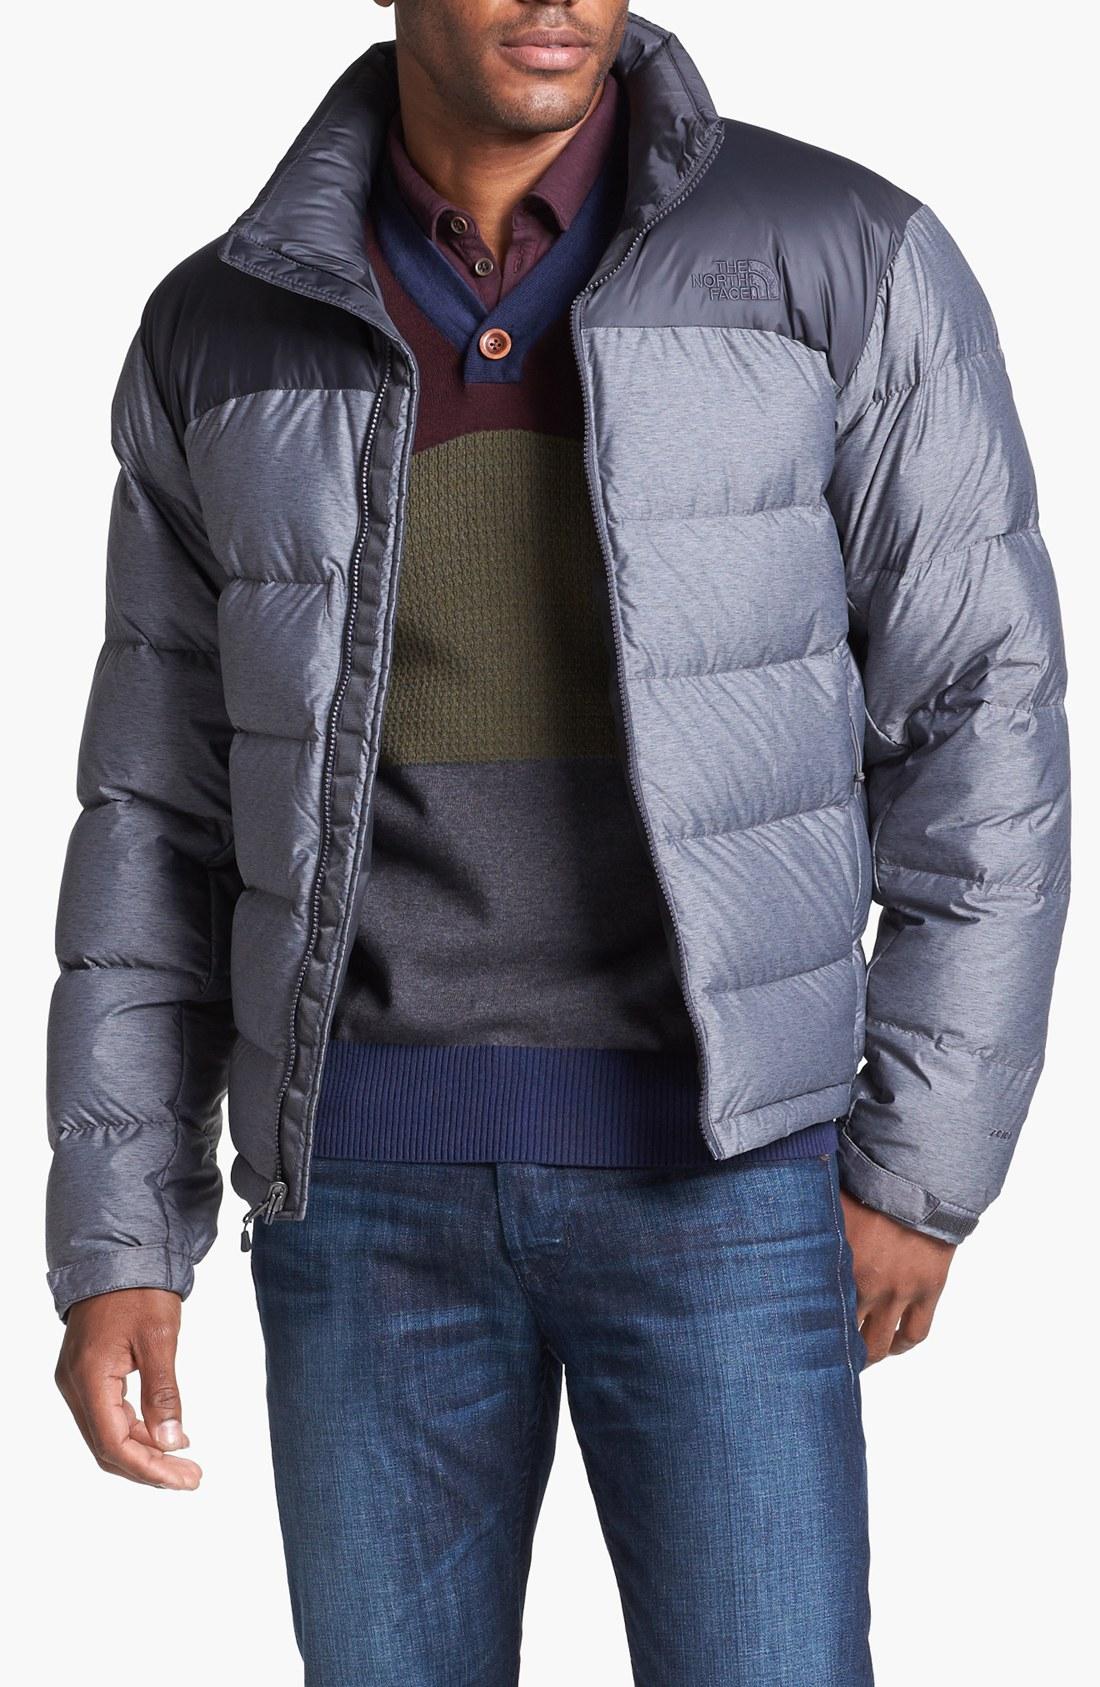 e41e6bfa55b5 north face nuptse jacket asphalt grey